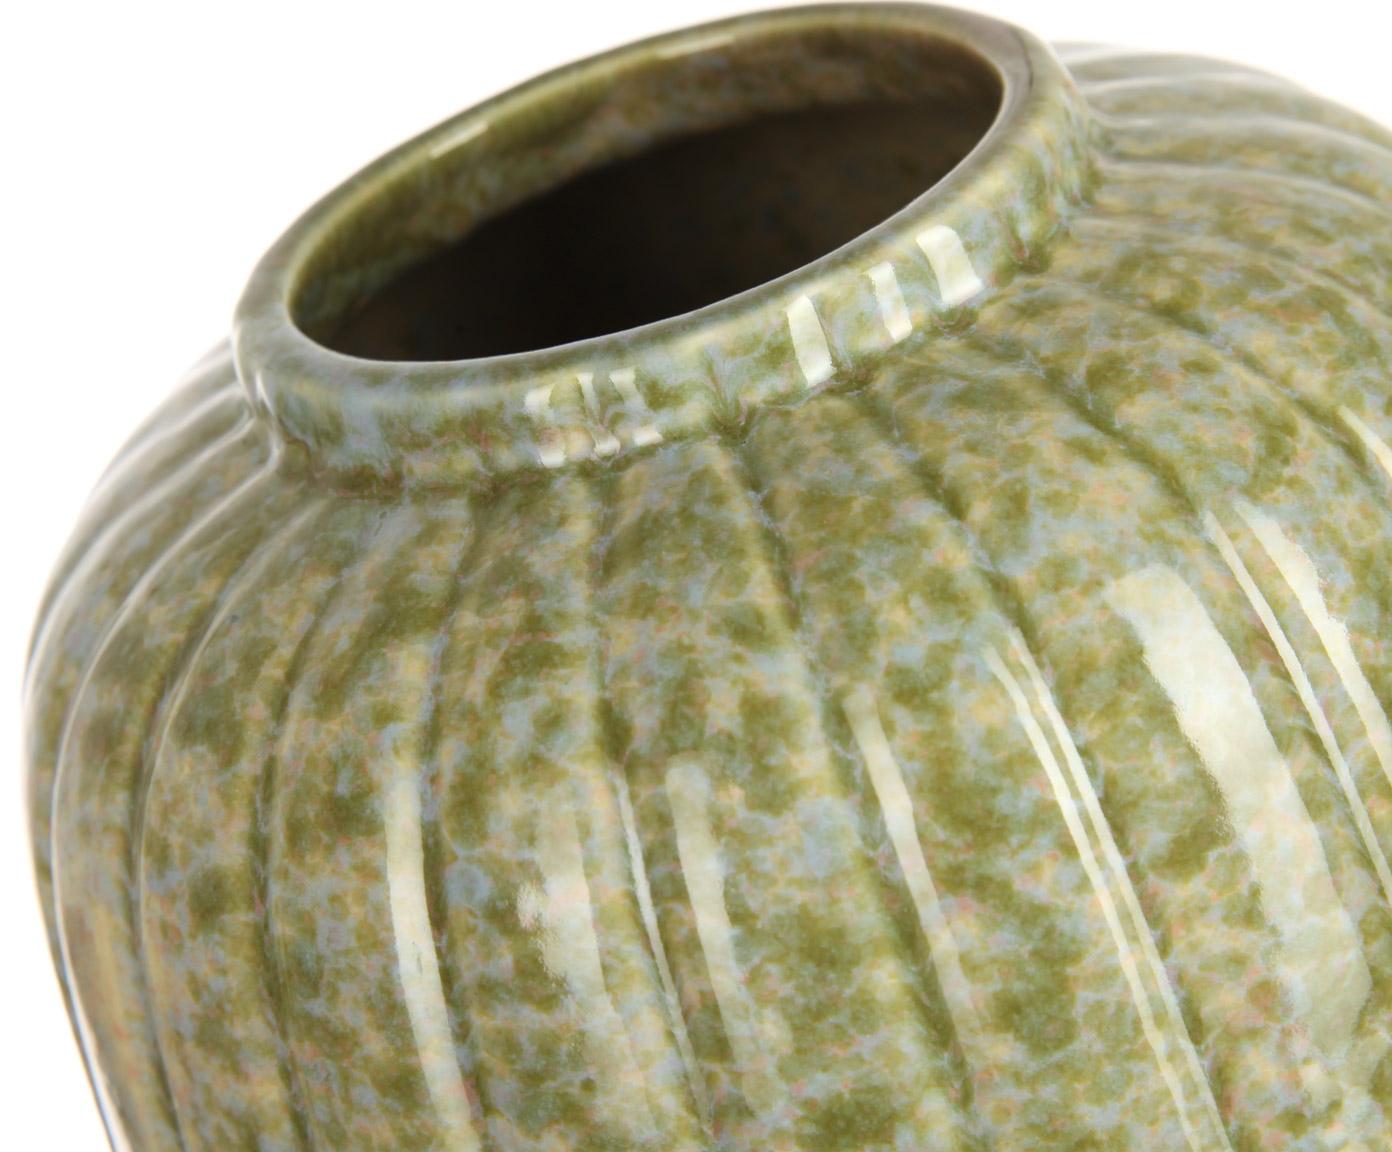 Ваза декоративнаяВазы<br>Эта ваза от Farol по форме напоминает гигантский бутон с плотно сжатыми лепестками. Благодаря зеленоватому оттенку и неоднородной окраске она выглядит старинным замшелым сосудом. Ваза прекрасно дополнит интерьер в экологичном стиле, особенно учитывая, что керамика – натуральный, природный материал.<br><br>Material: Керамика<br>Width см: None<br>Height см: 40<br>Diameter см: 15